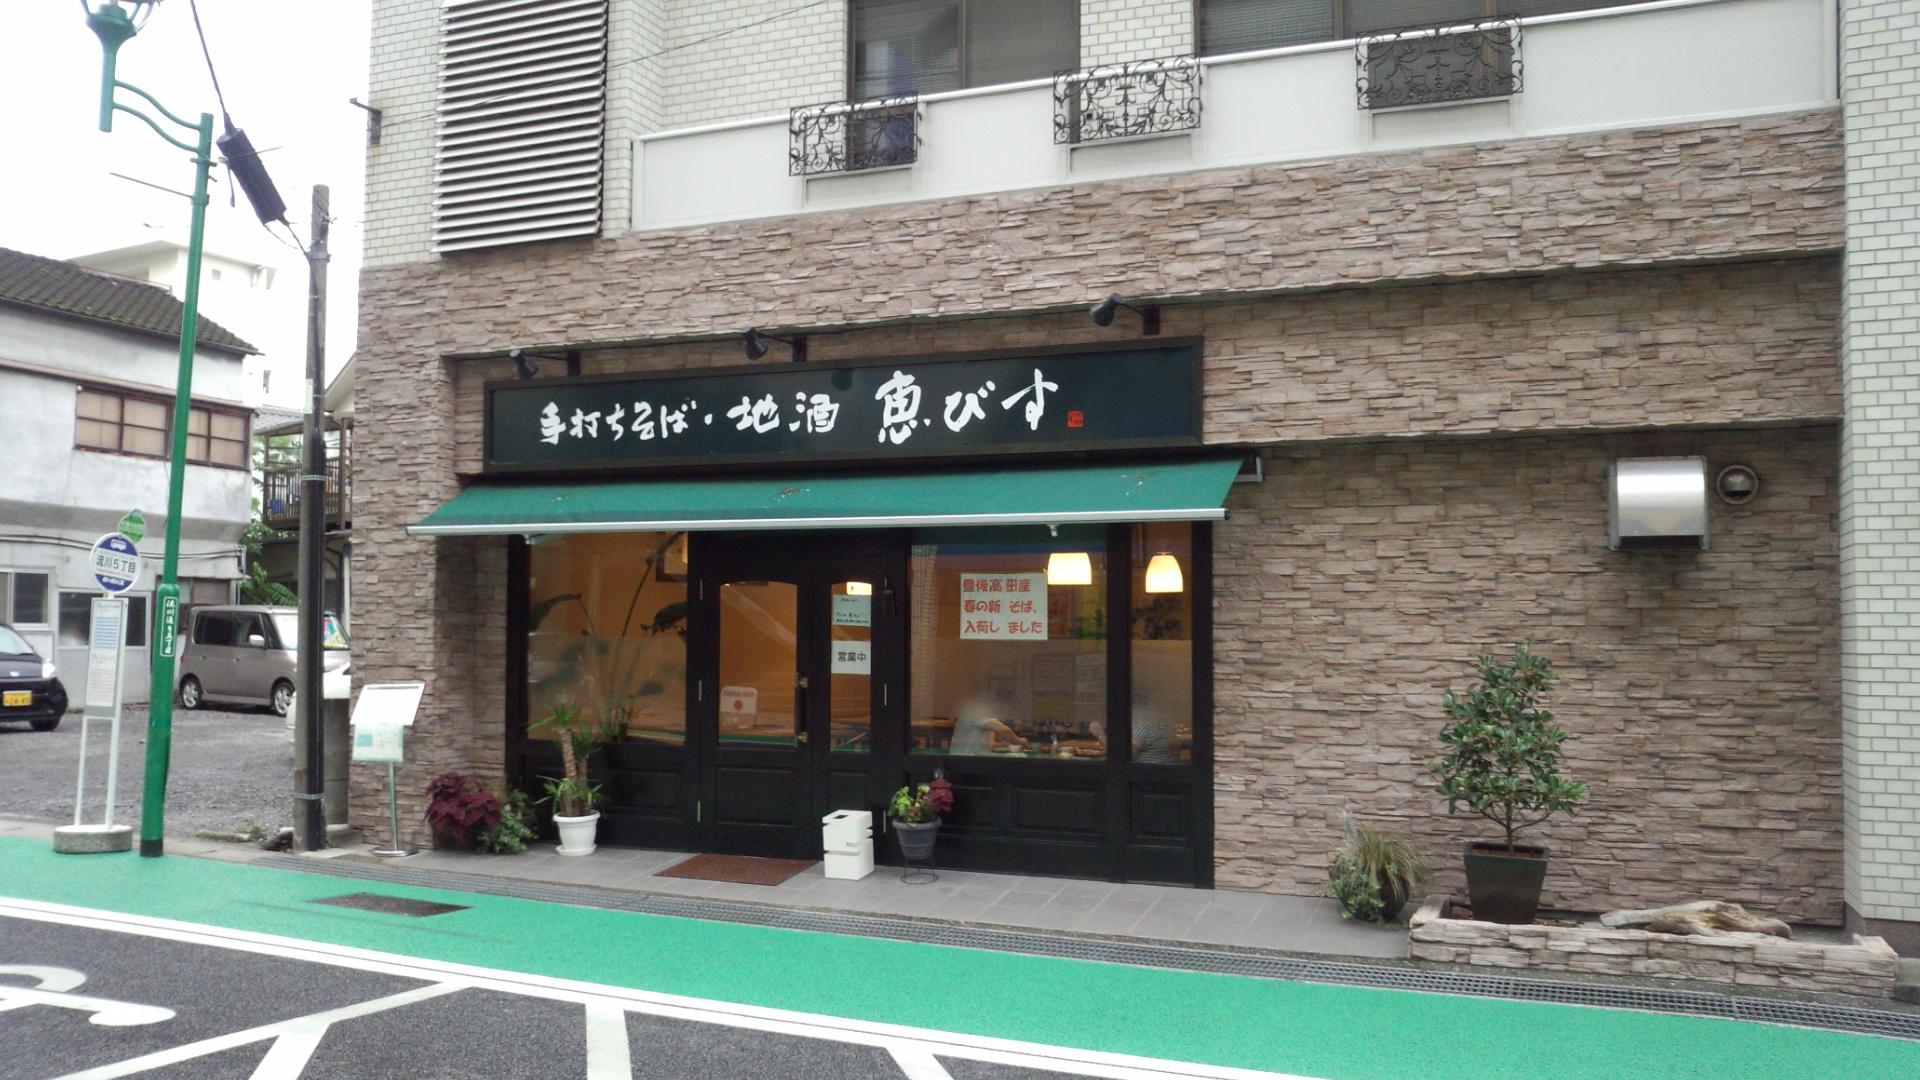 温泉の街 別府で営む豊後高田そばの店 「手打ちそば・地酒 恵びす」(別府市)